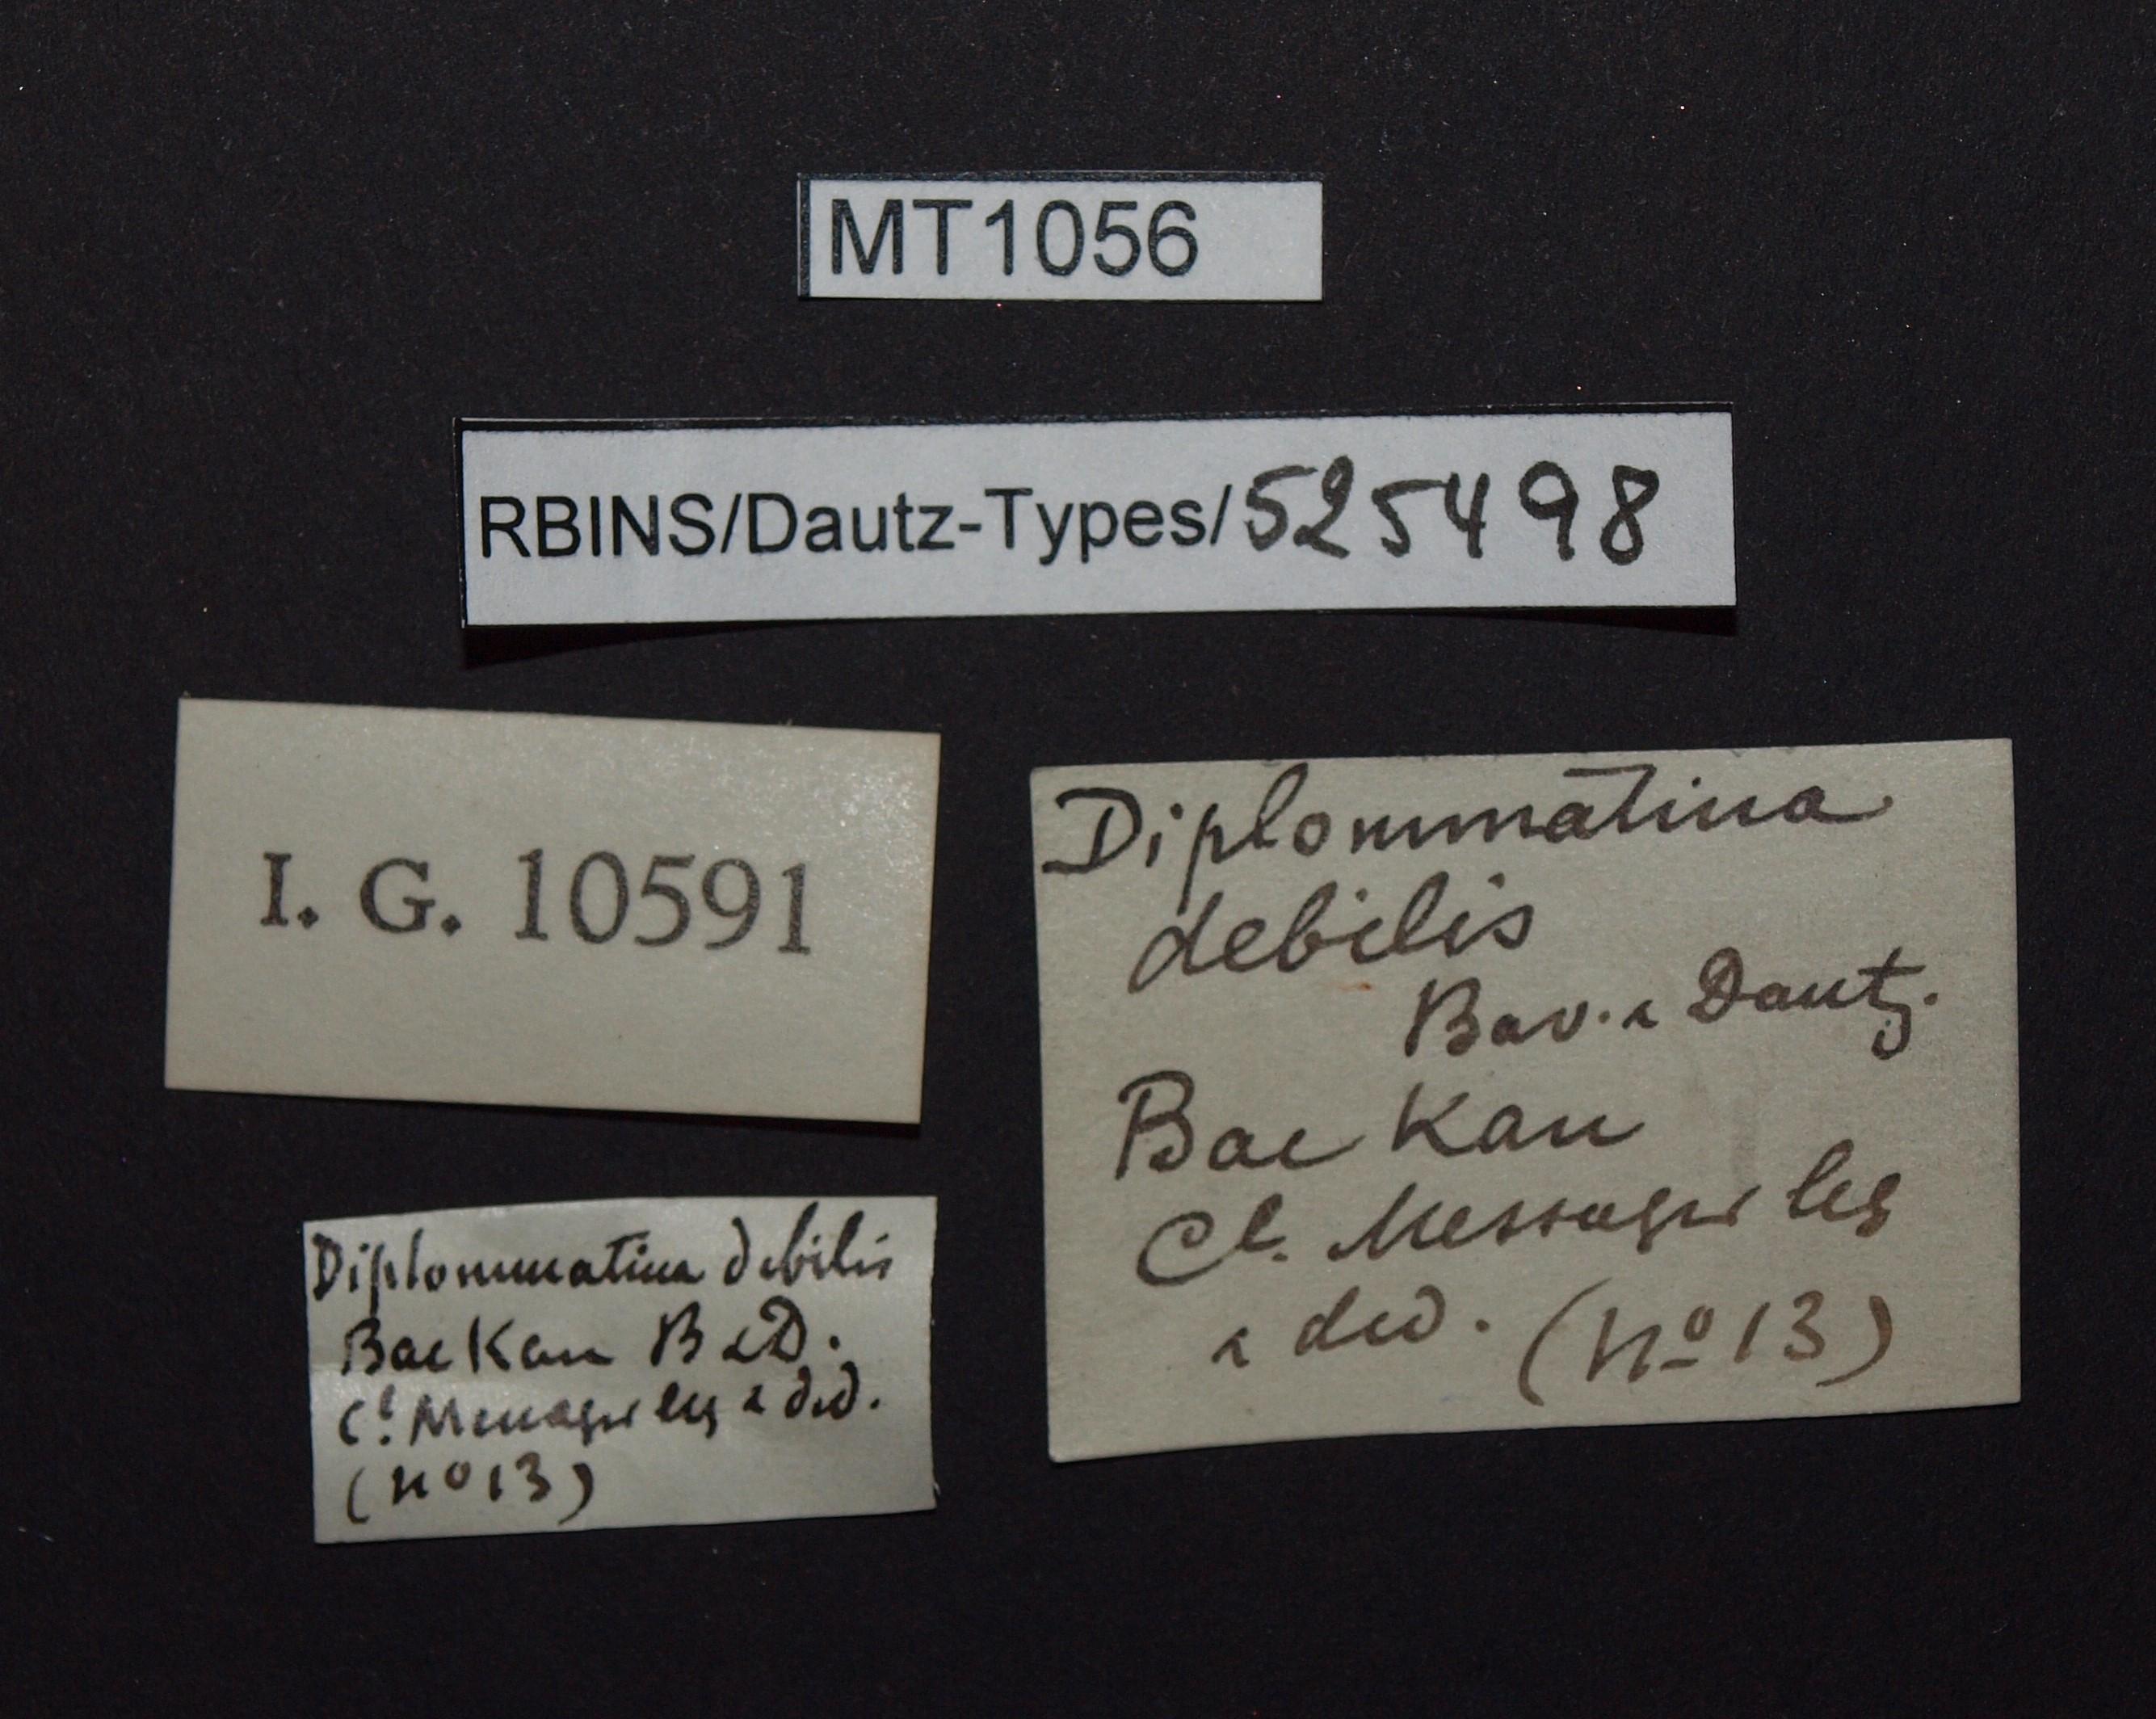 Diplommatina debilis pt.JPG